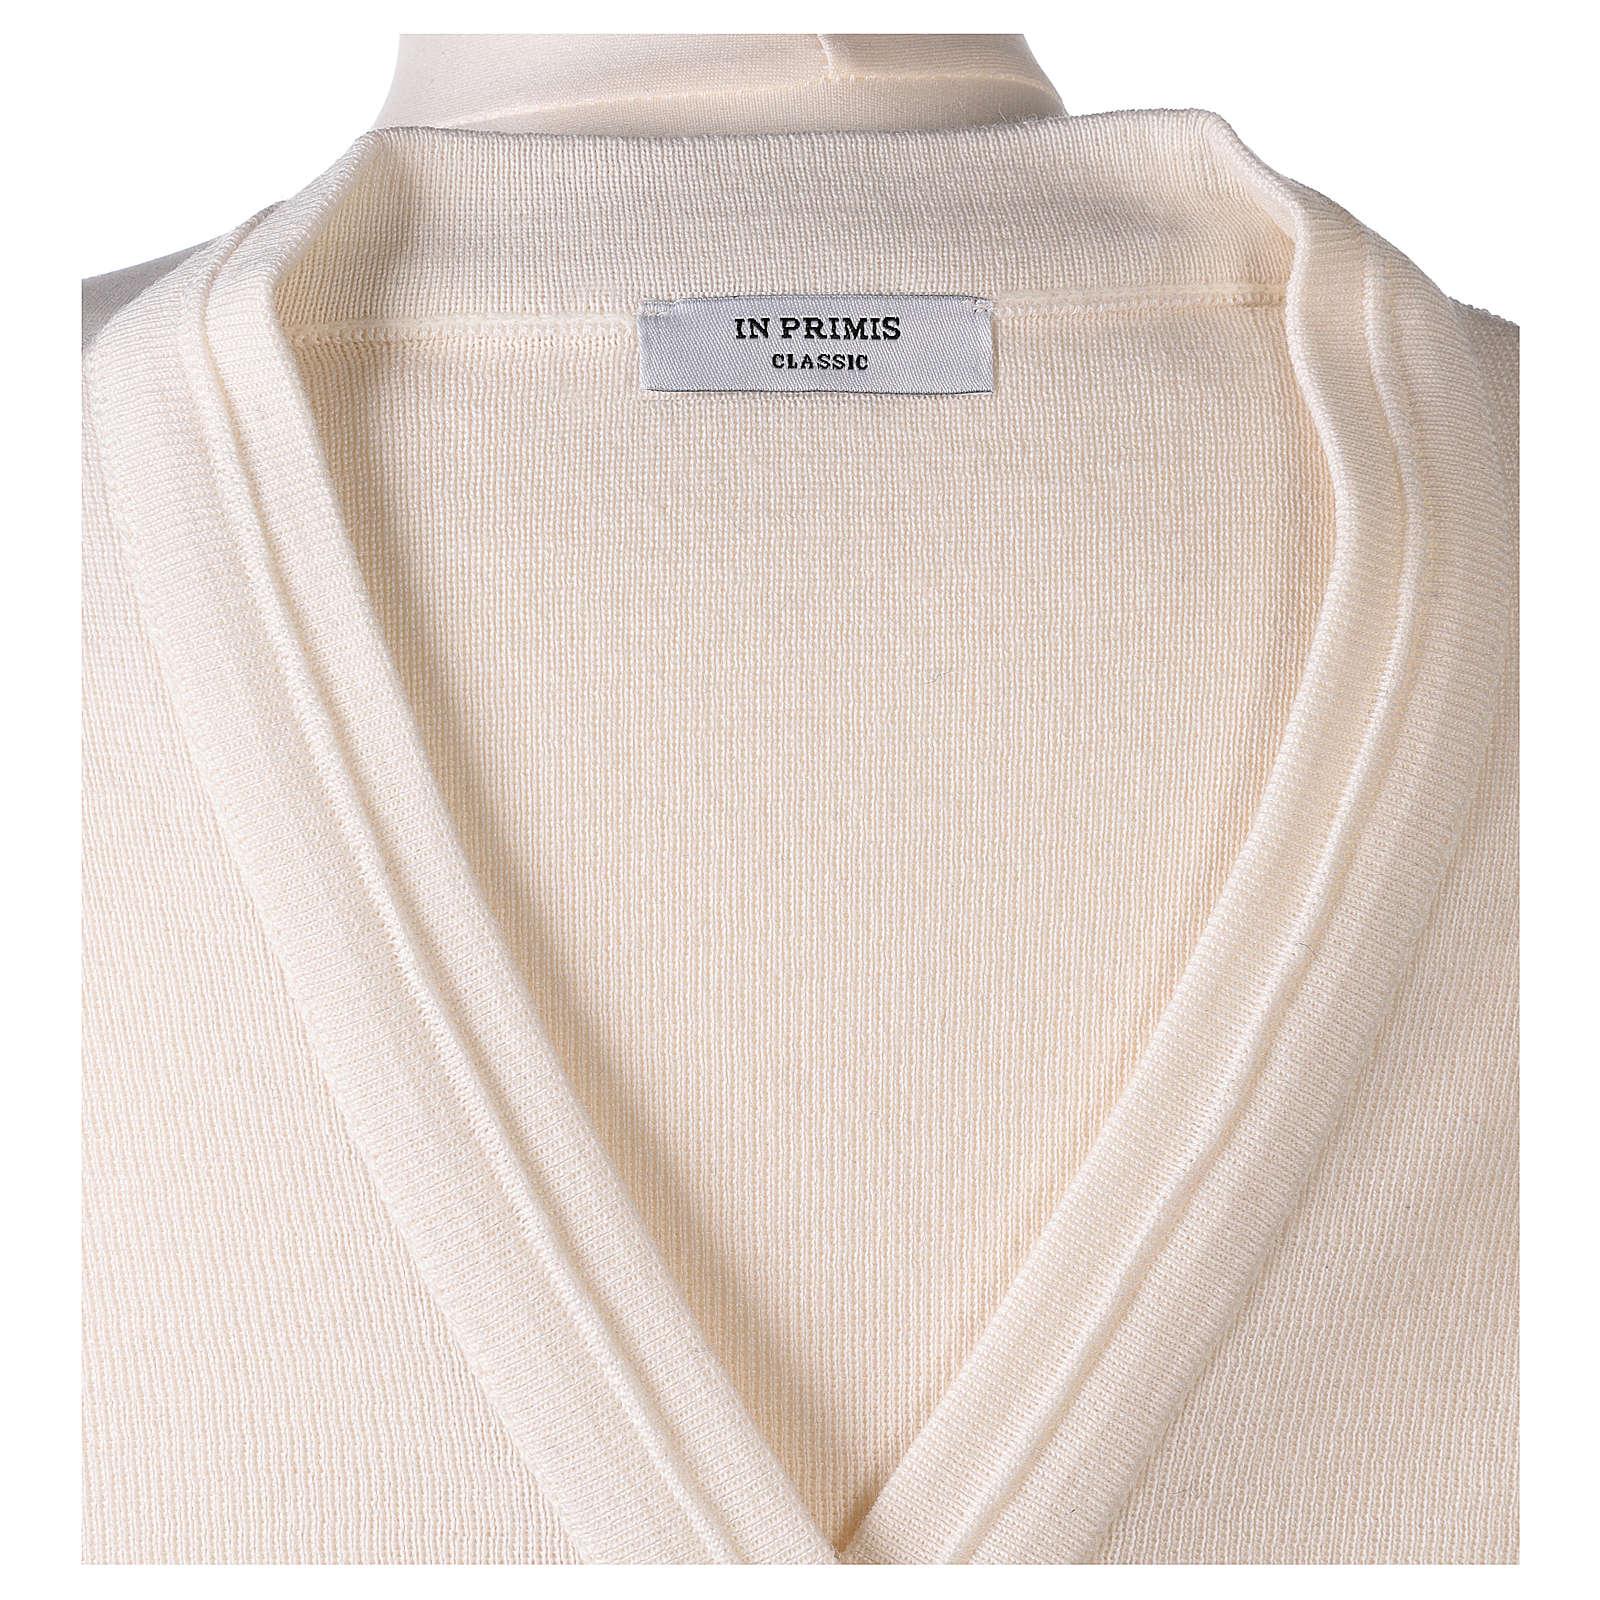 Giacca corta bianca 50% lana merino 50% acrilico suora In Primis 4